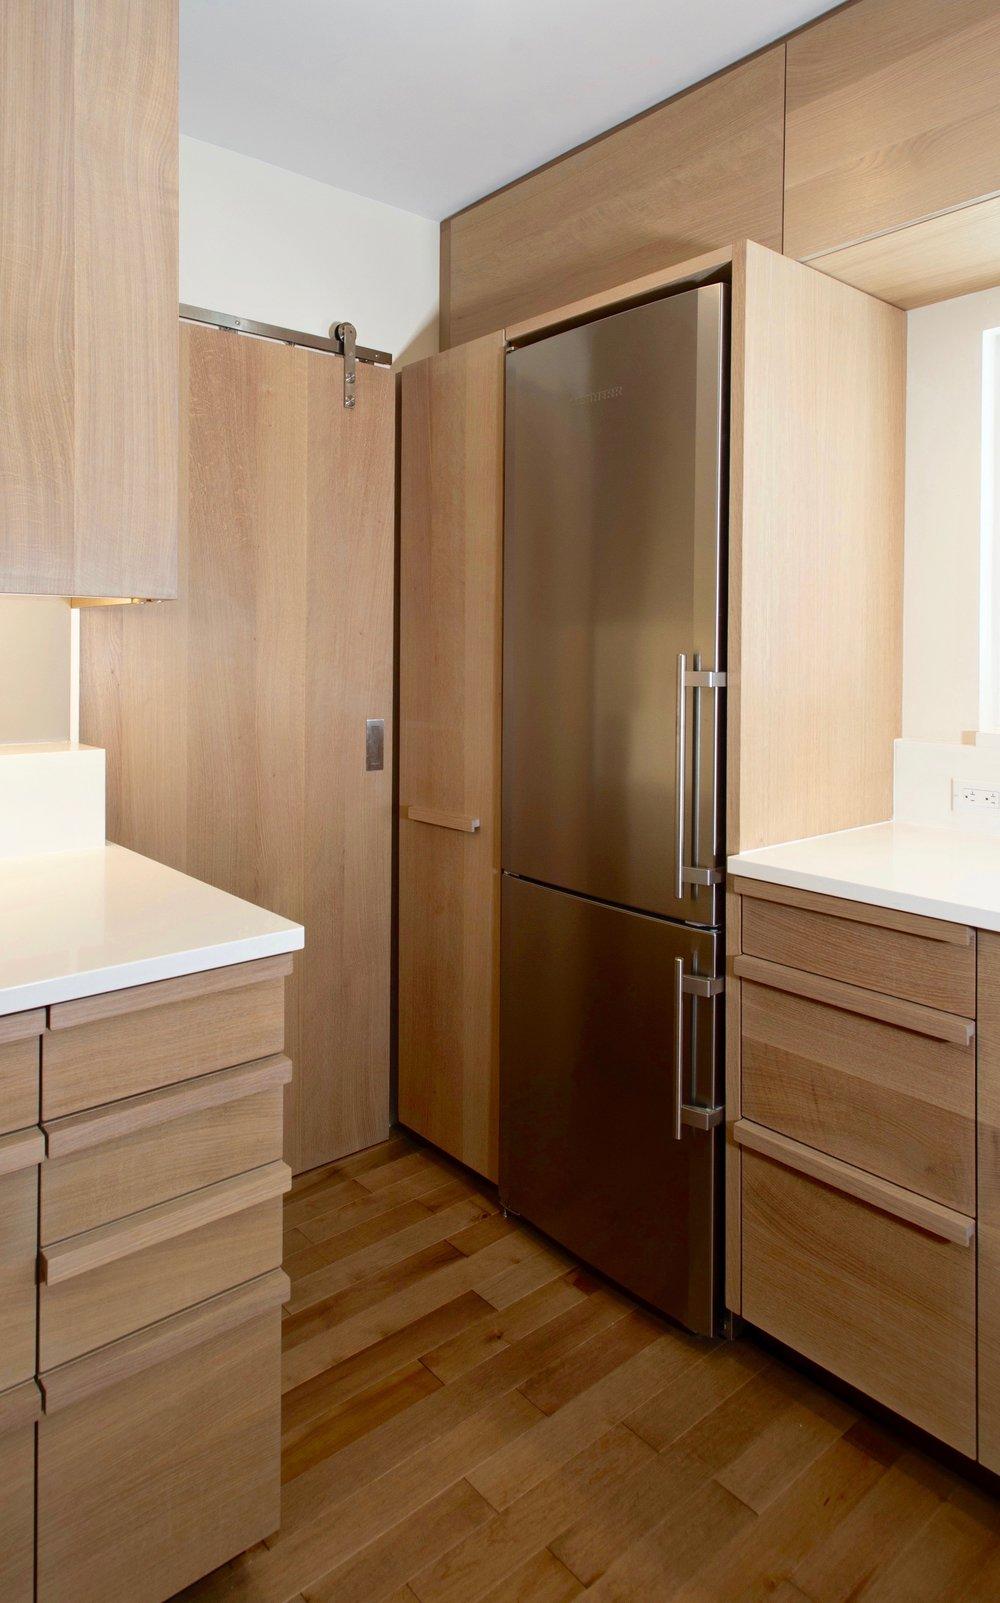 kitchen6 (or gallery).jpg